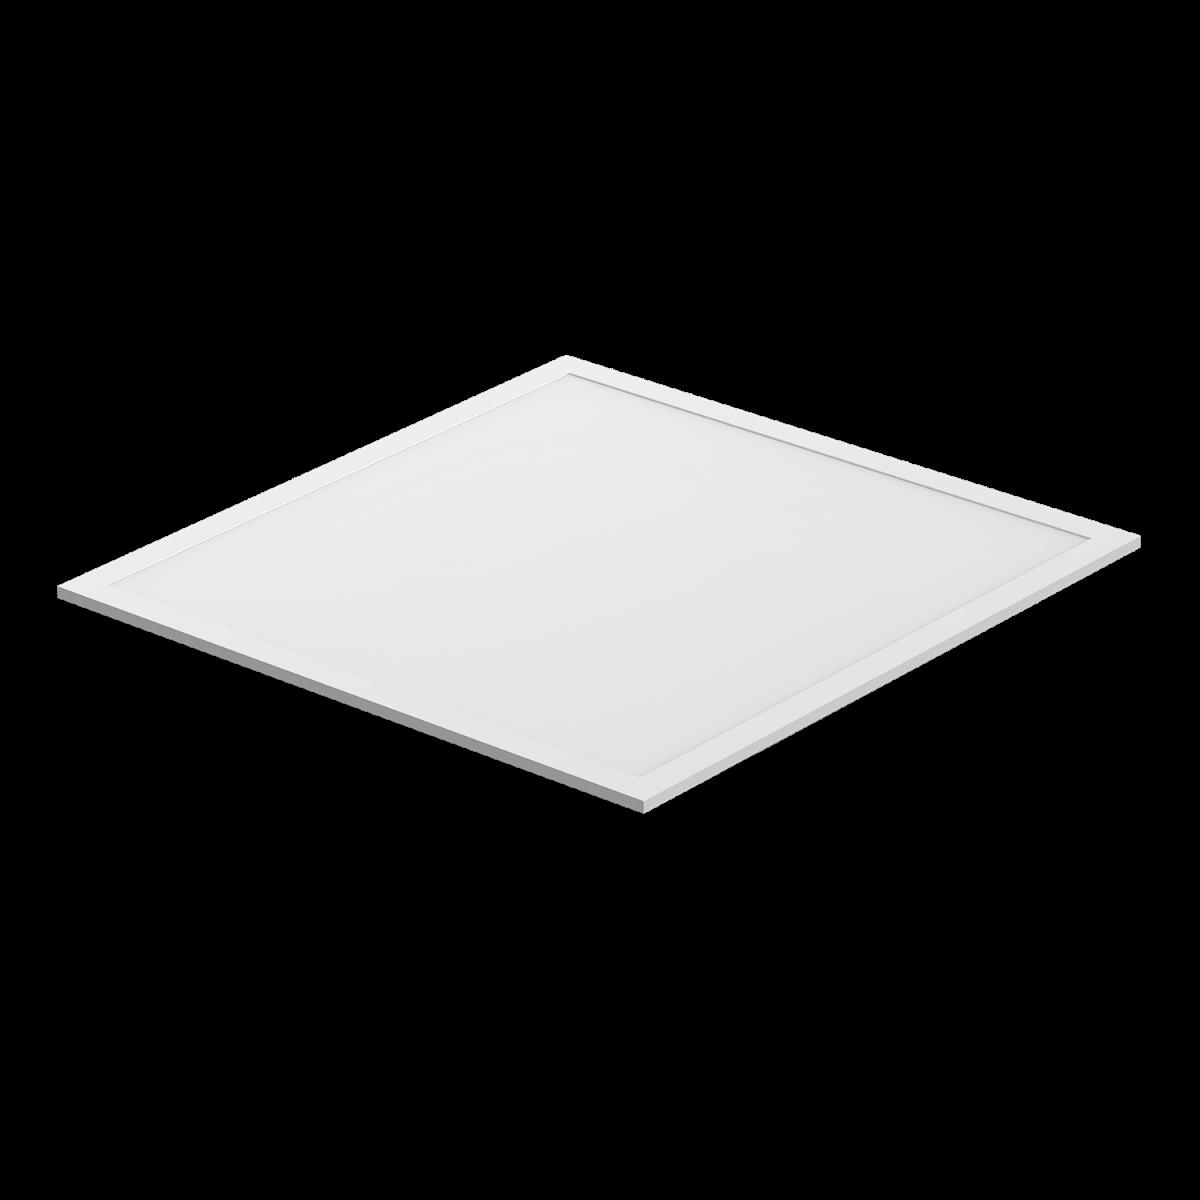 Noxion Panneau LED Econox 32W Xitanium DALI 60x60cm 4000K 4400lm UGR <22 | Dali Dimmable - Blanc Froid - Substitut 4x18W